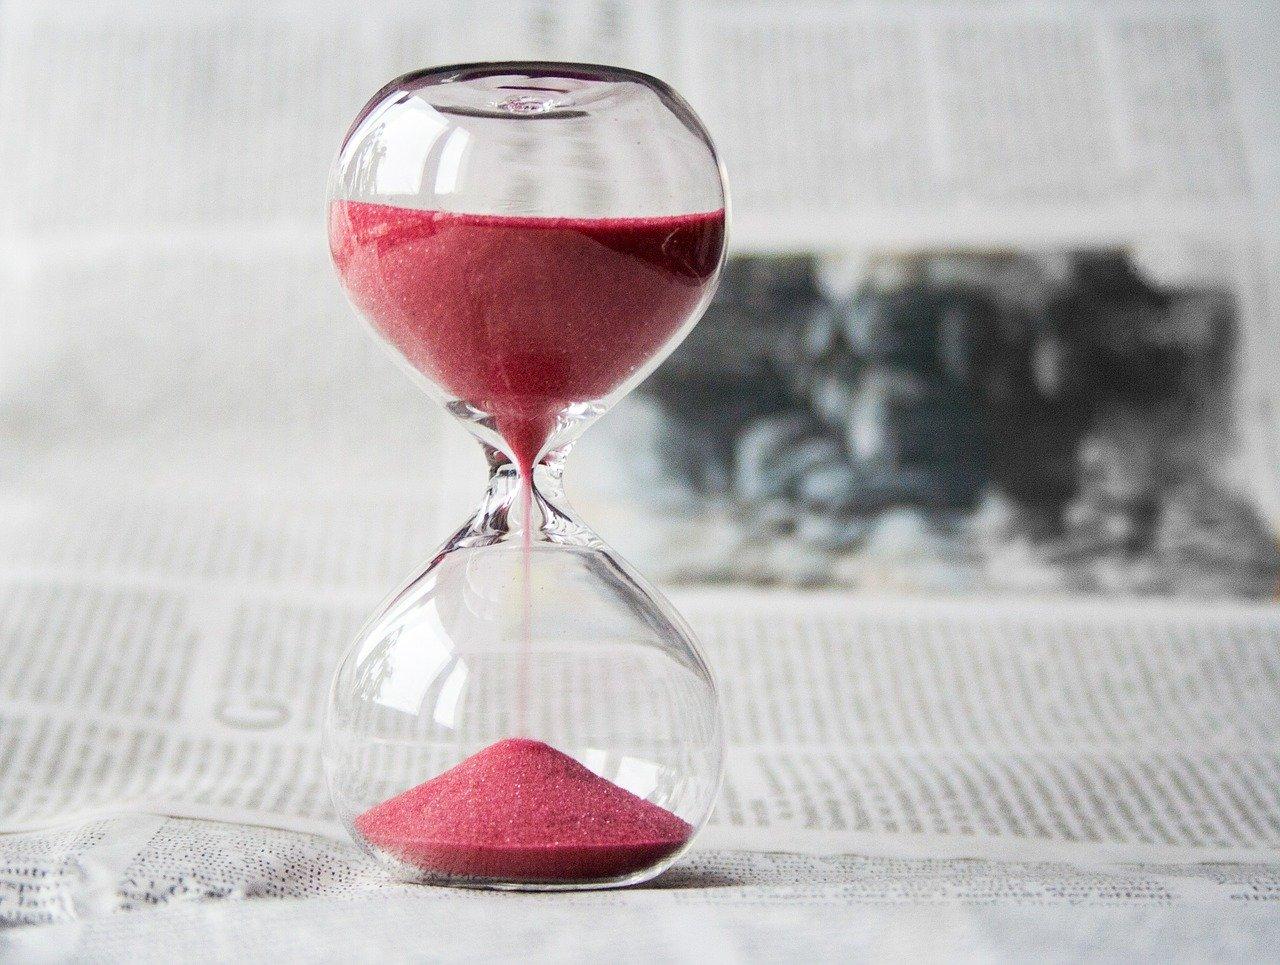 砂時計, 時間, クロック